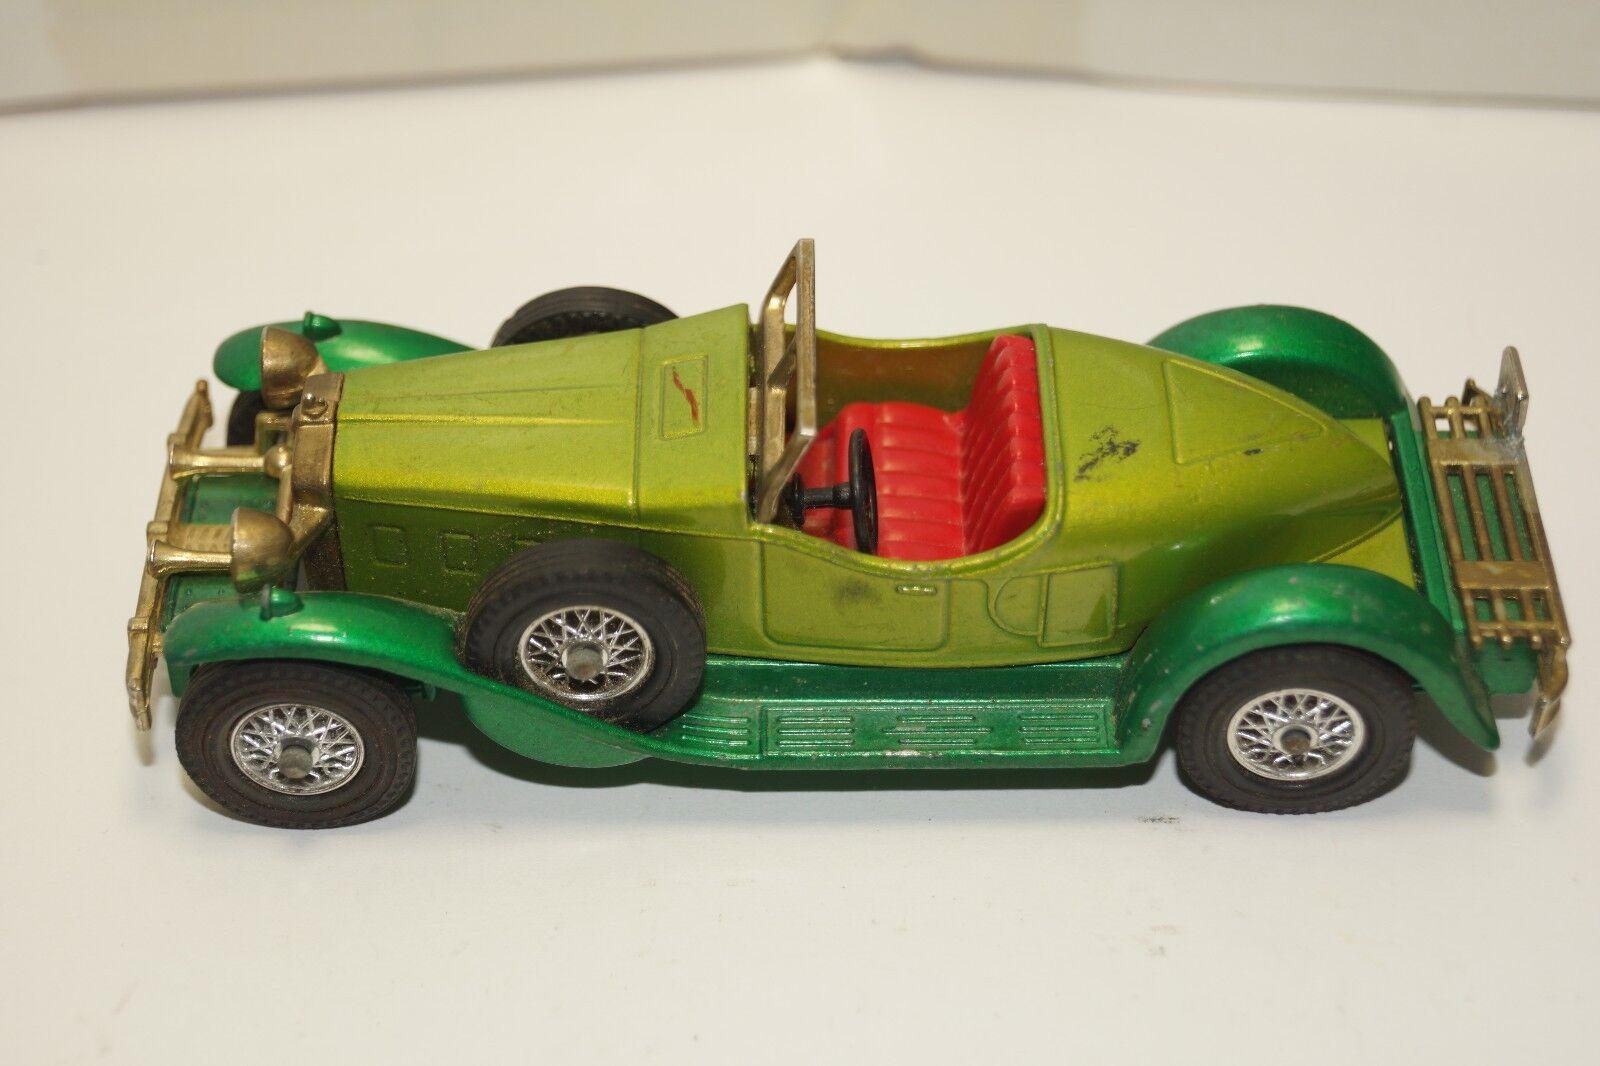 forniamo il meglio ORIGINAL Matchscatola Matchscatola Matchscatola - 1931 Stutz orsocat - modellos of Yesteryear - No Y-14 - verde  prezzi eccellenti